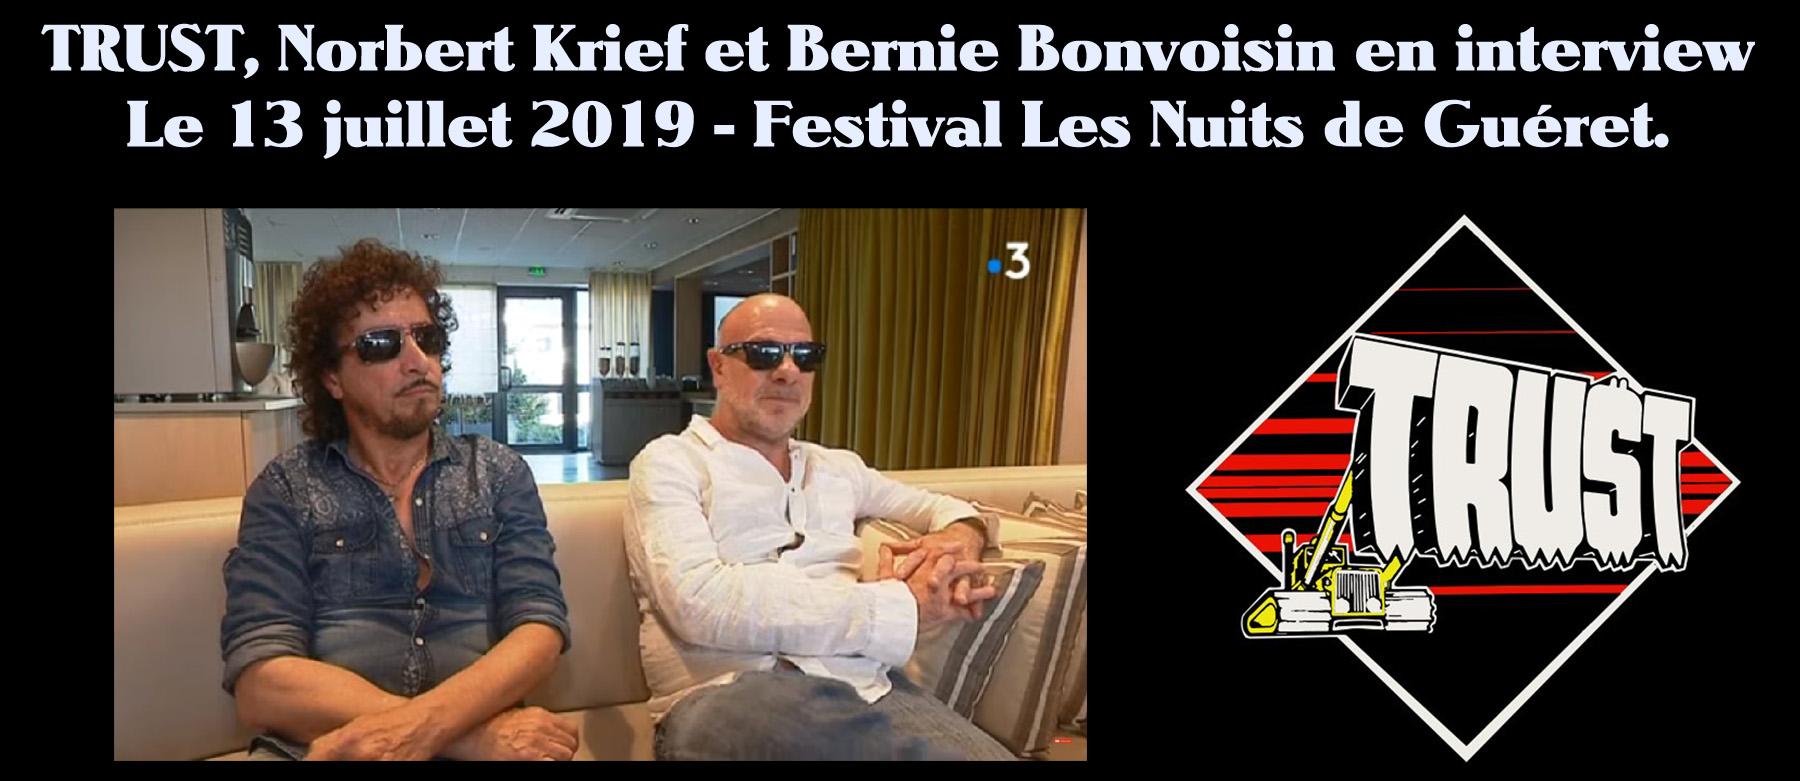 TRUST, Norbert Krief et Bernie Bonvoisin en interview (vidéo) le 13 juillet 2019 - Festival Les Nuits de Guéret. Sans_250